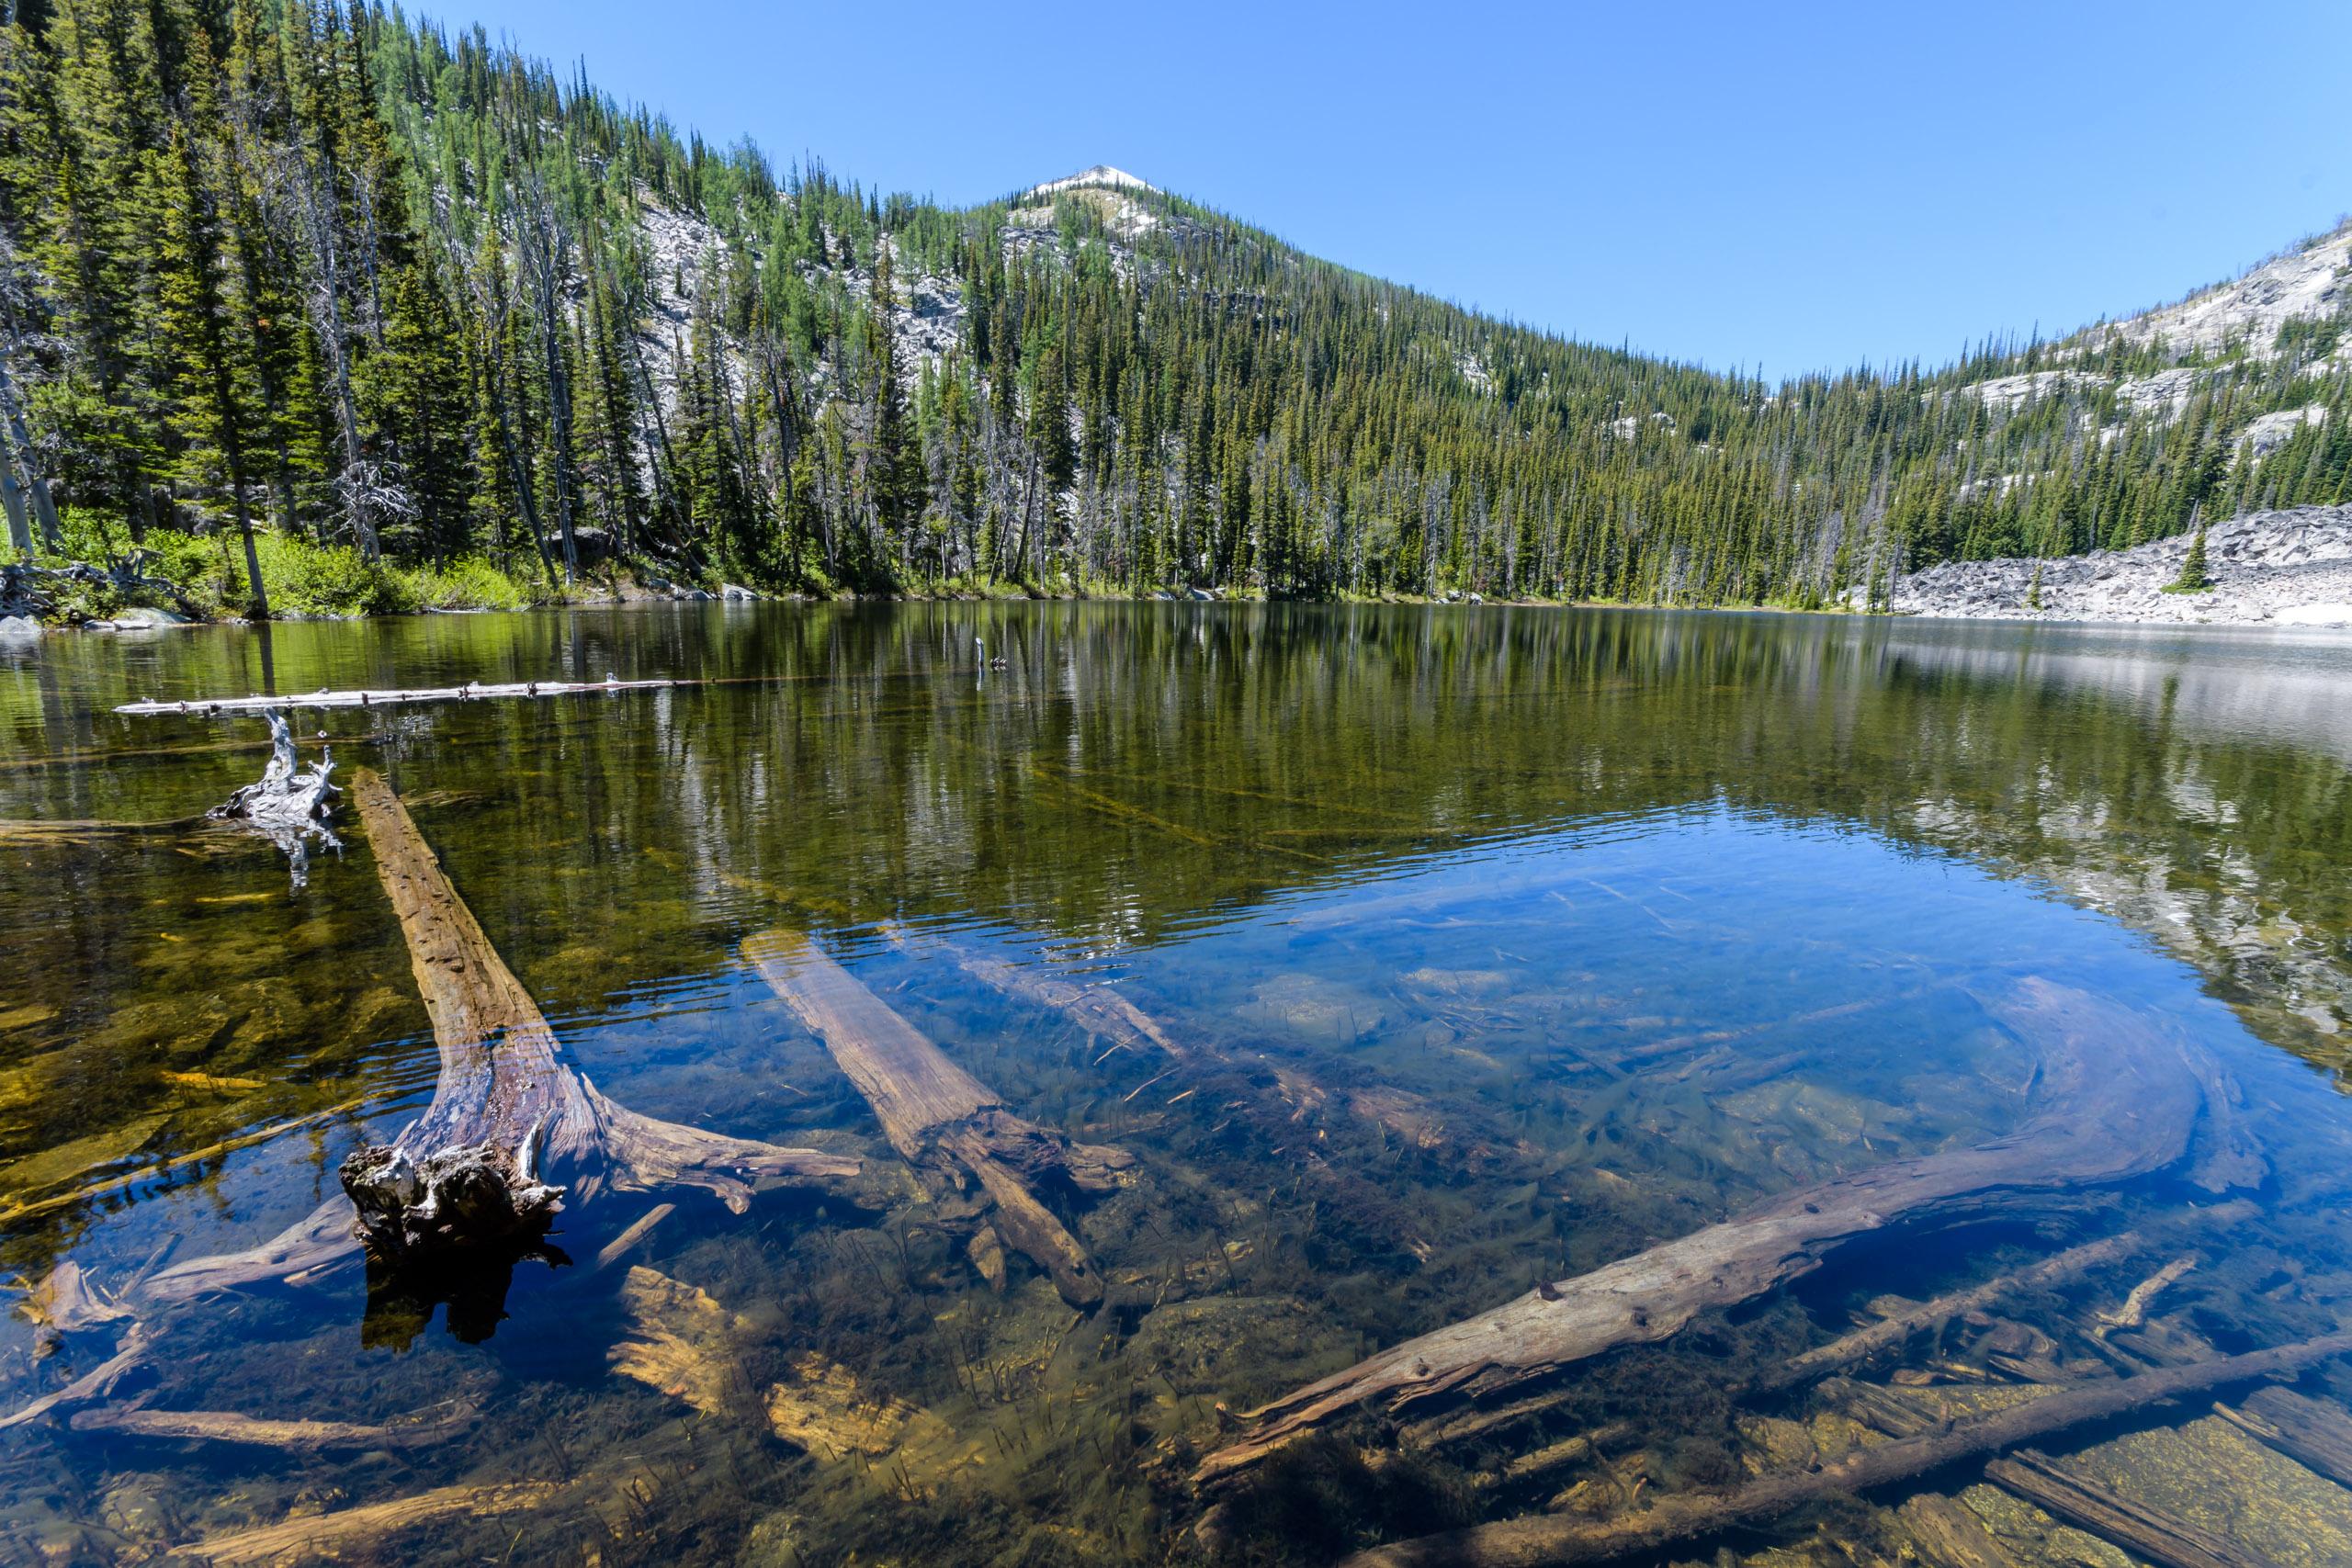 Camas Lake